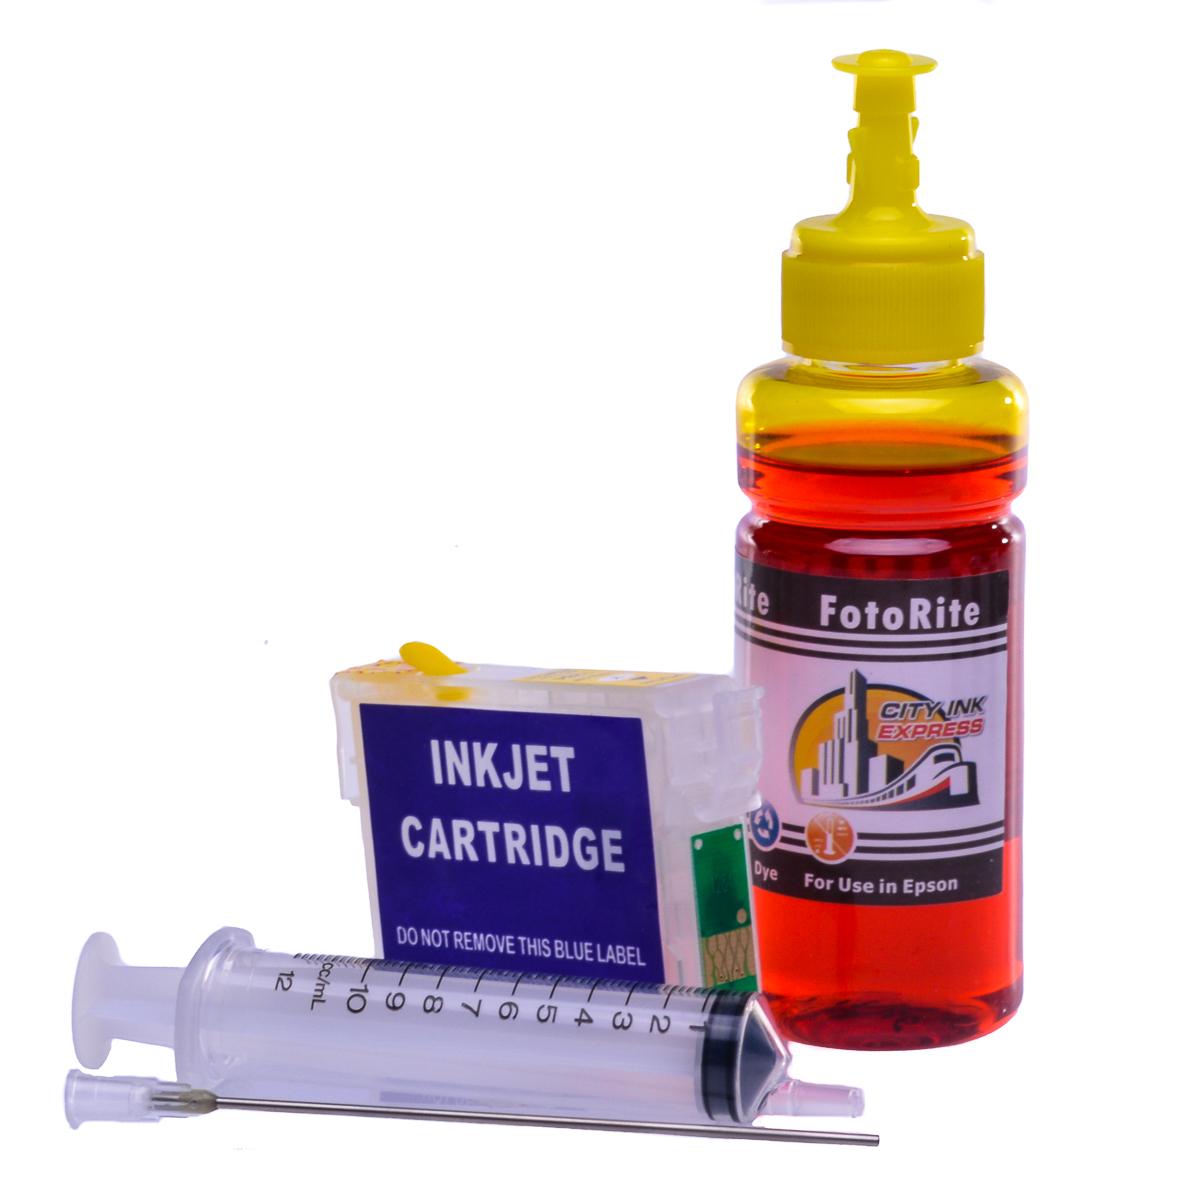 Refillable  Yellow Cheap printer cartridges for Epson XP-335 C13T29844010 dye ink